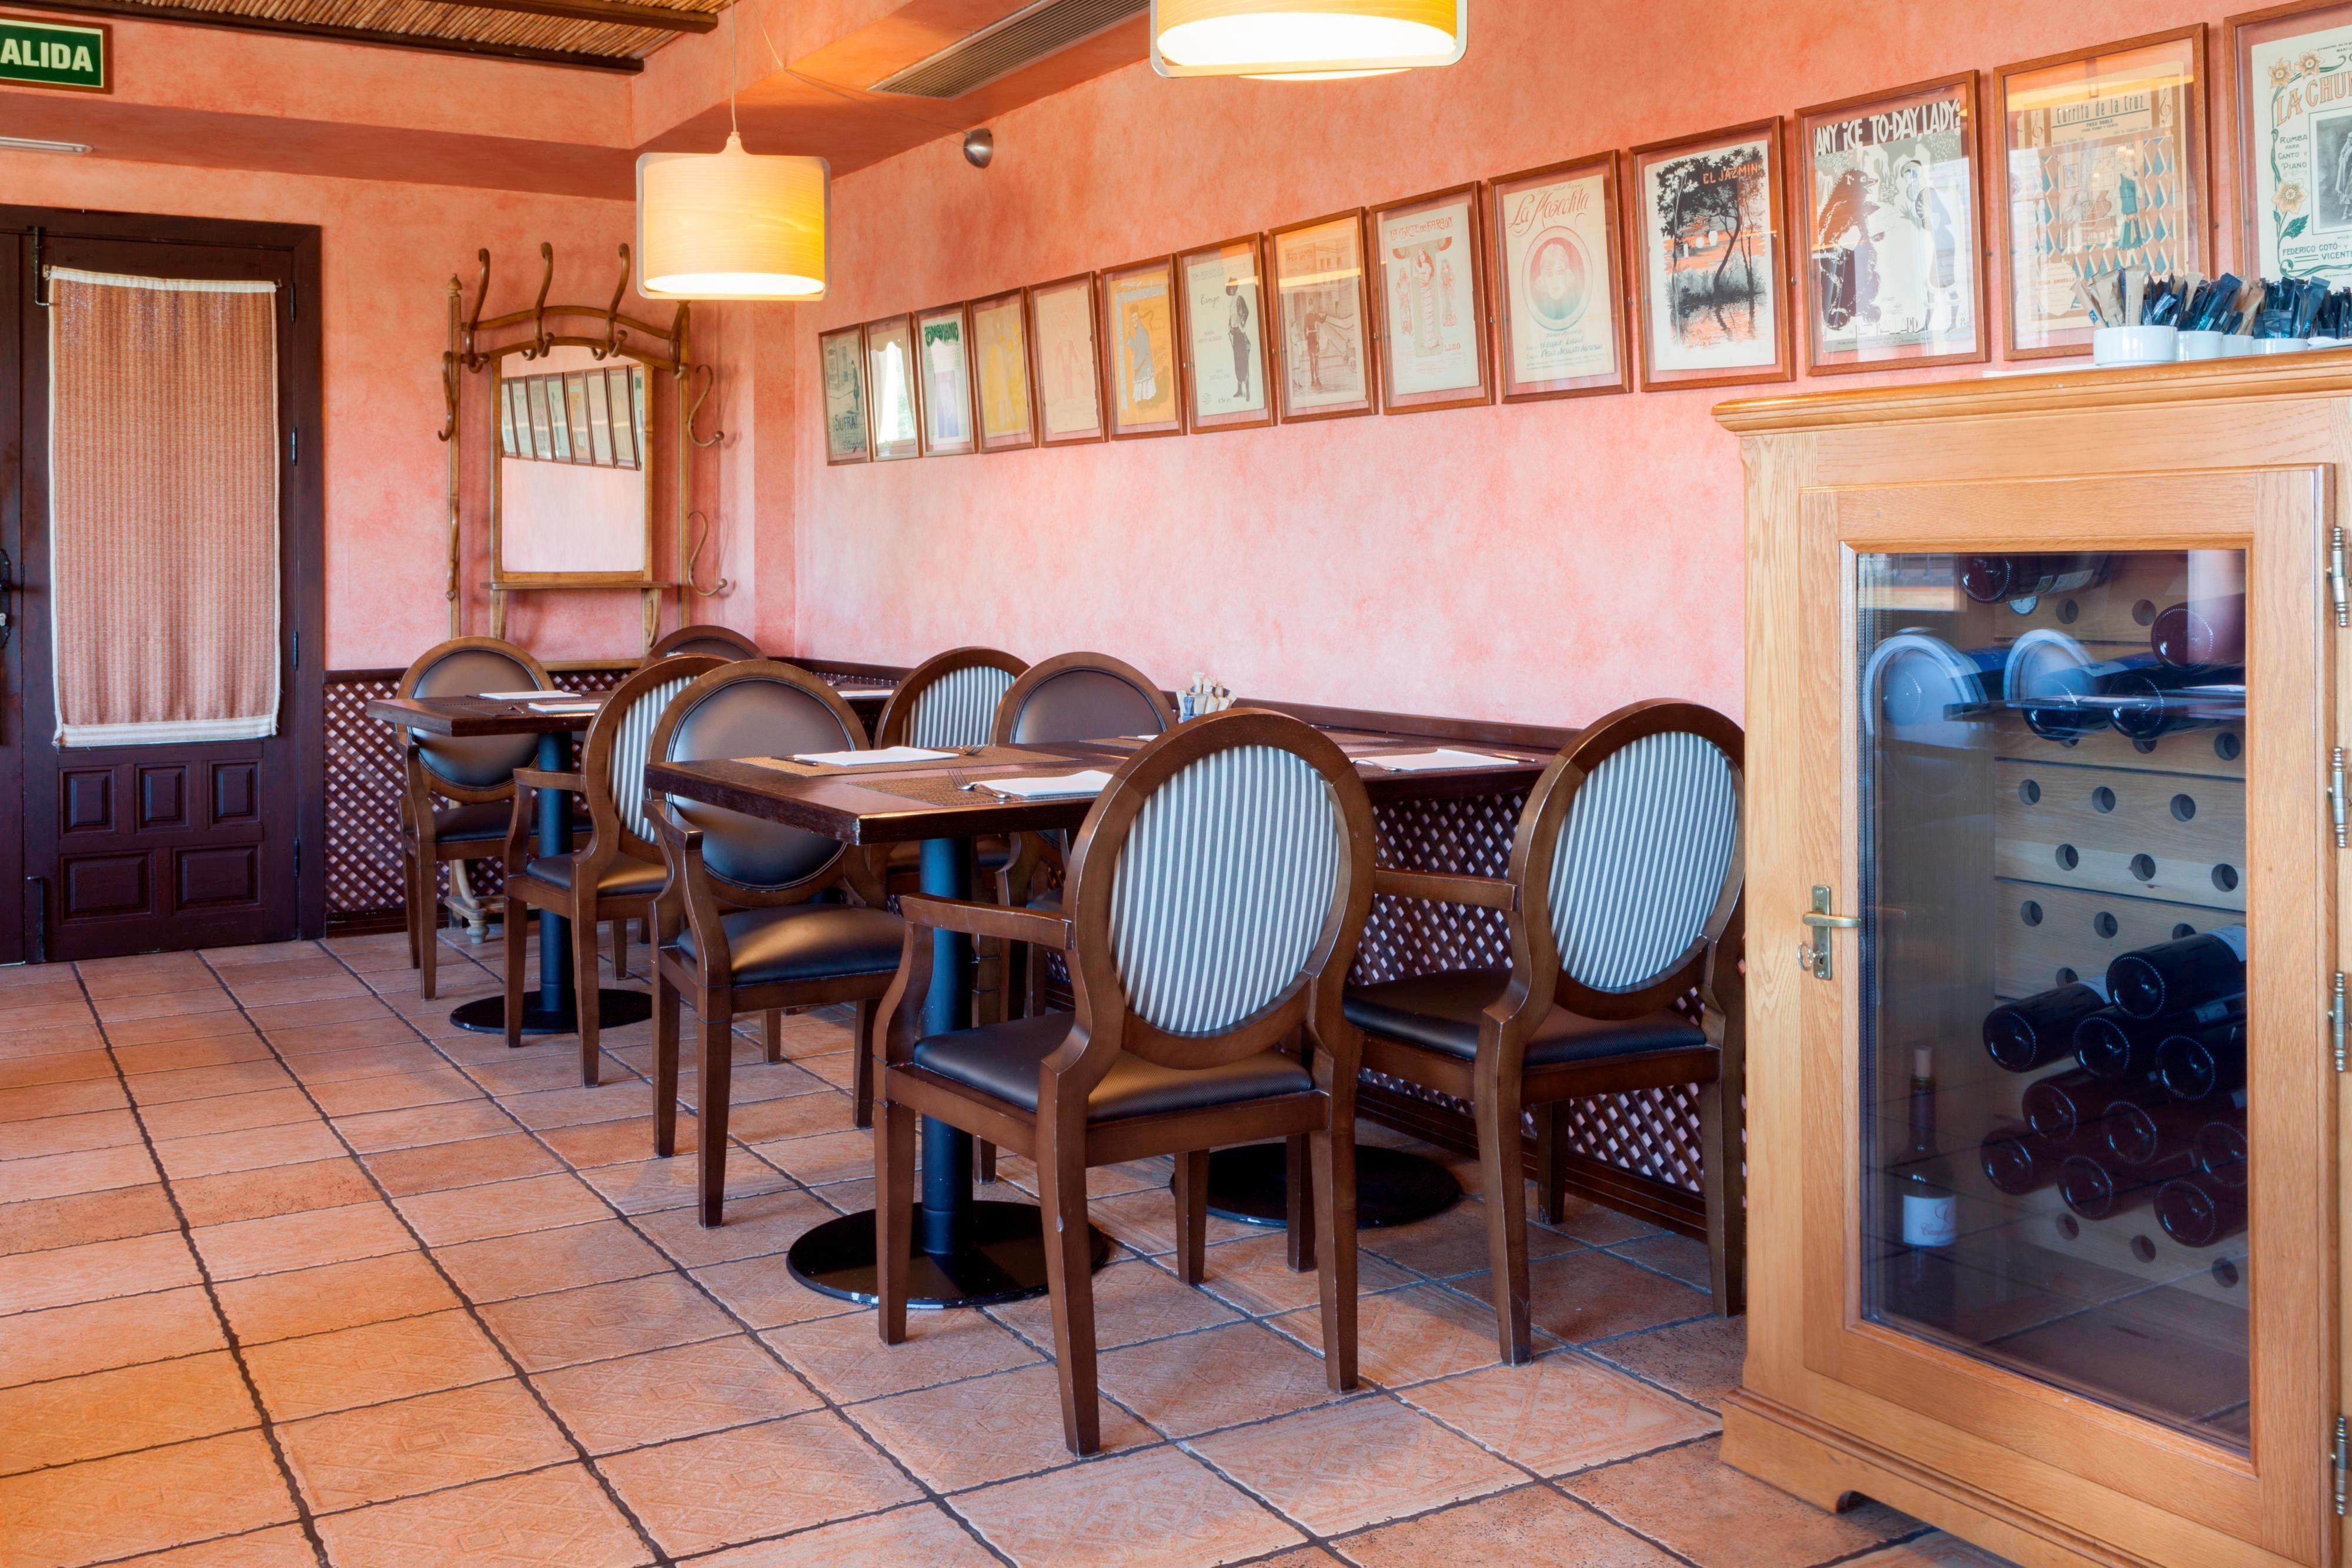 Breakfast buffet in Toledo Hotel